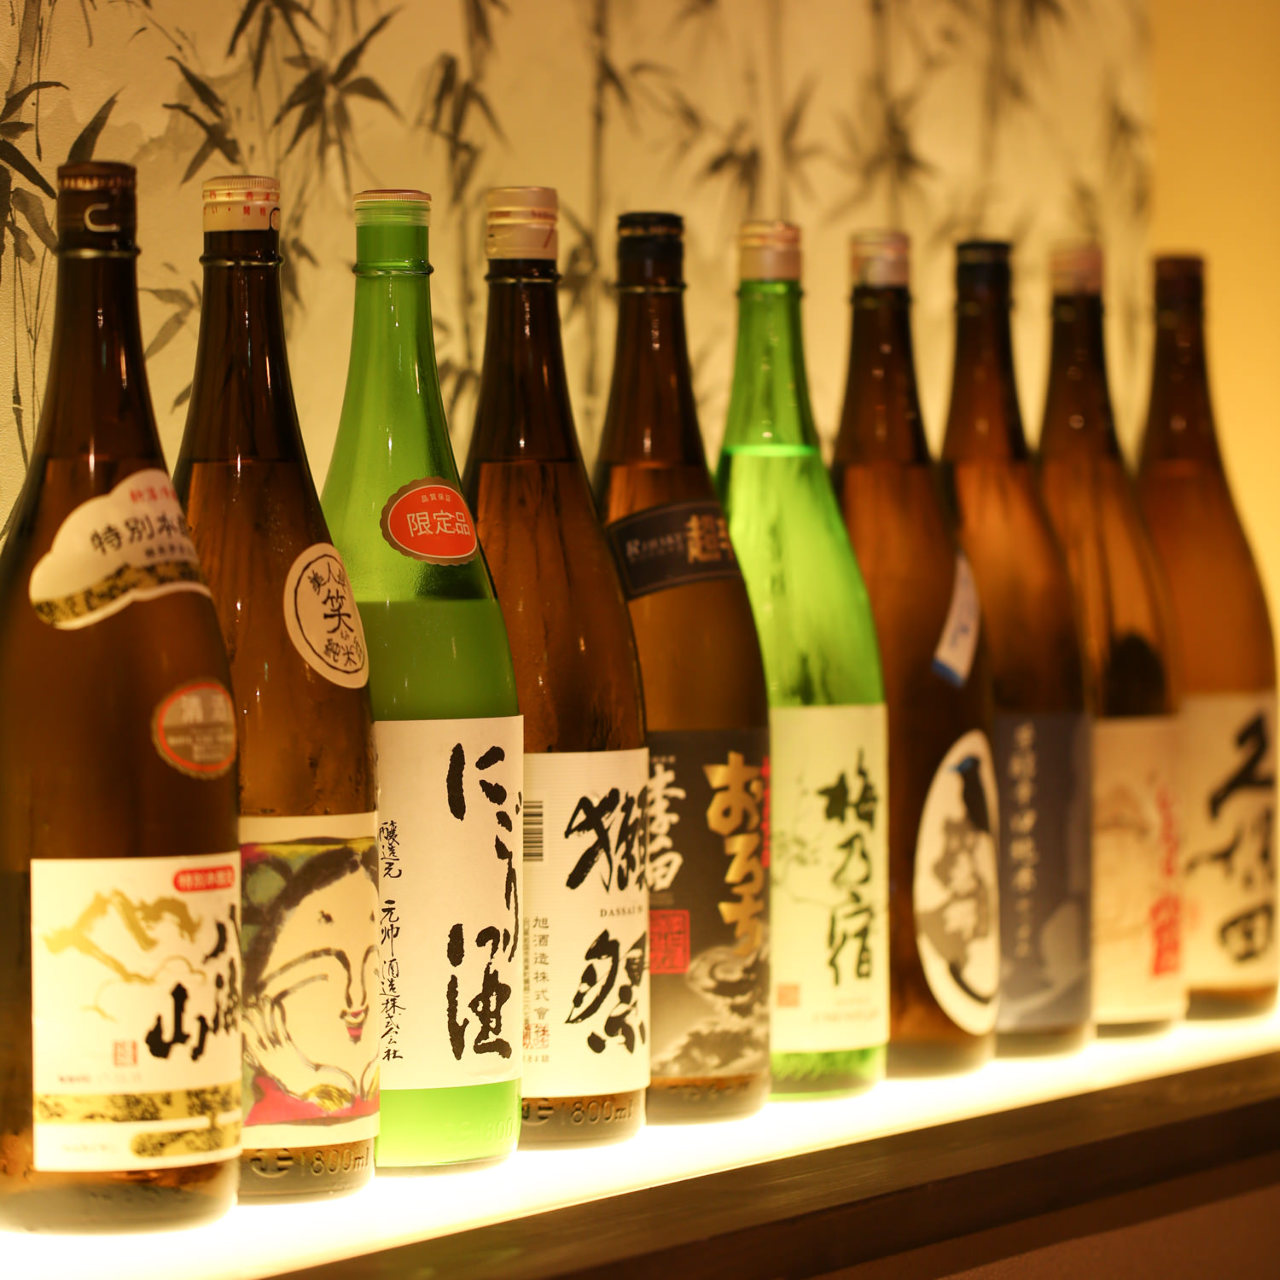 全国各地の厳選した日本酒